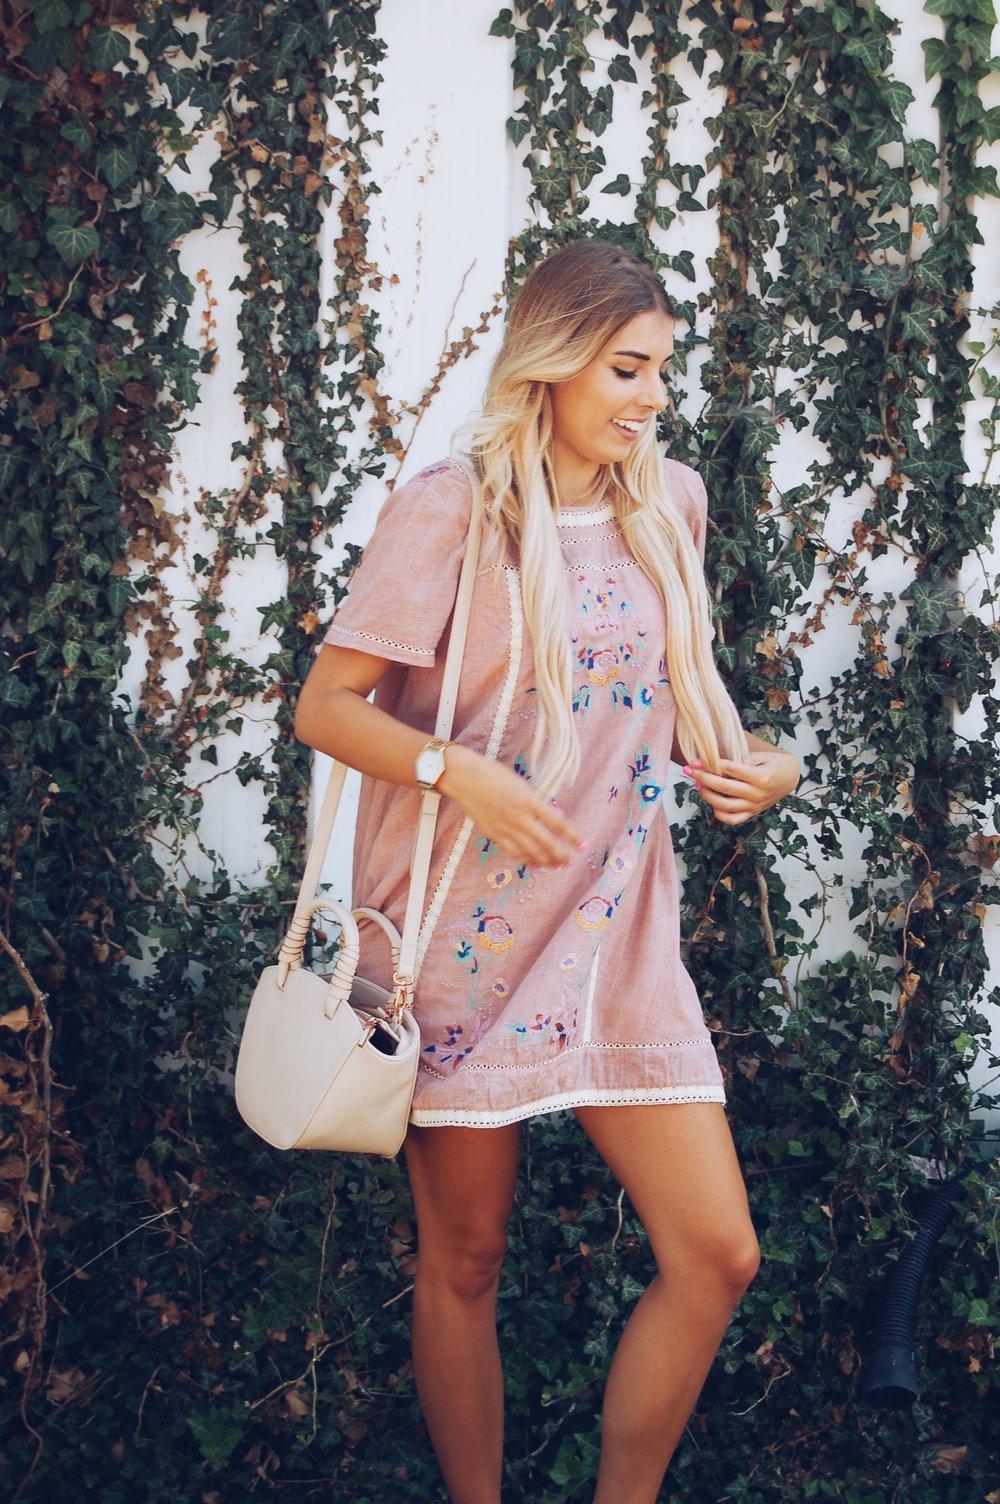 XO,  Sydney Lauren